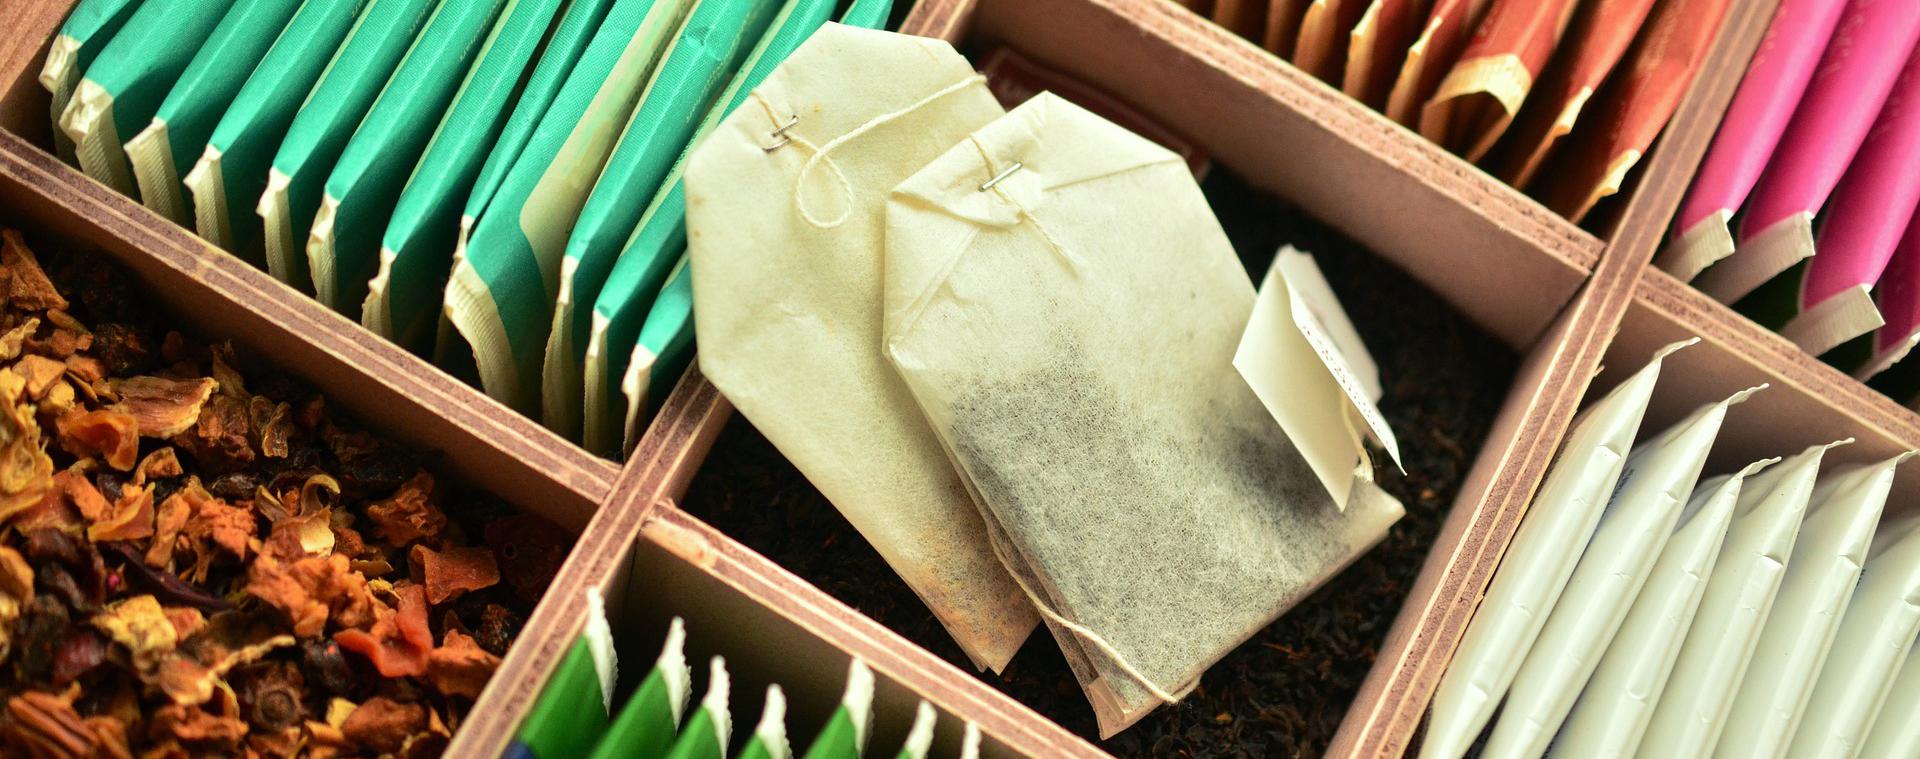 itsetehdyt rasiat teepusseille ja irtoteelle ovat hyvä lahja teeharrastajalle.